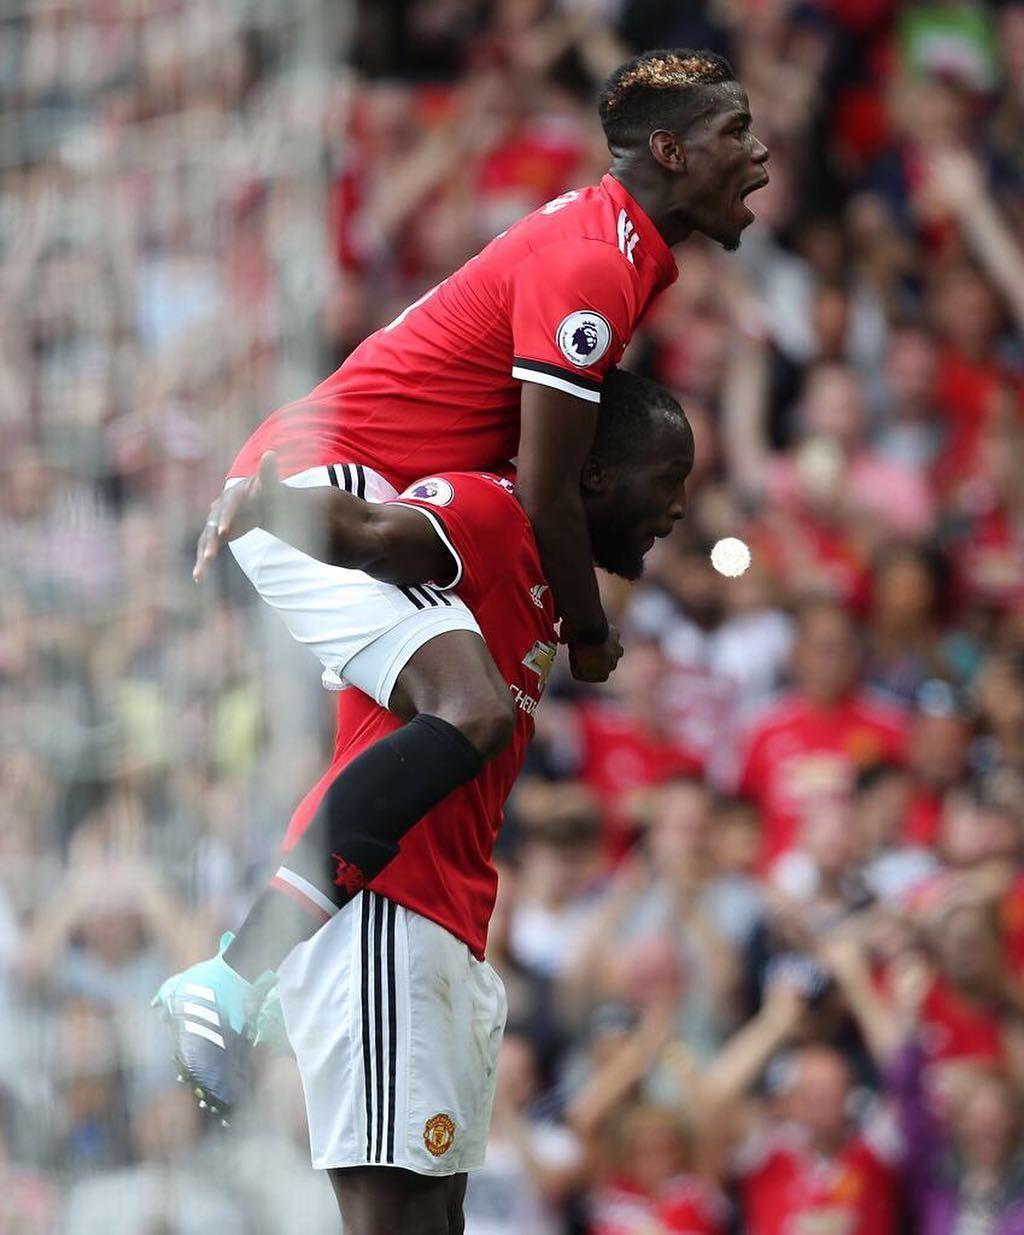 6R9 mode on 👊🏾 manchesterunited MUFC rlukaku Pogba